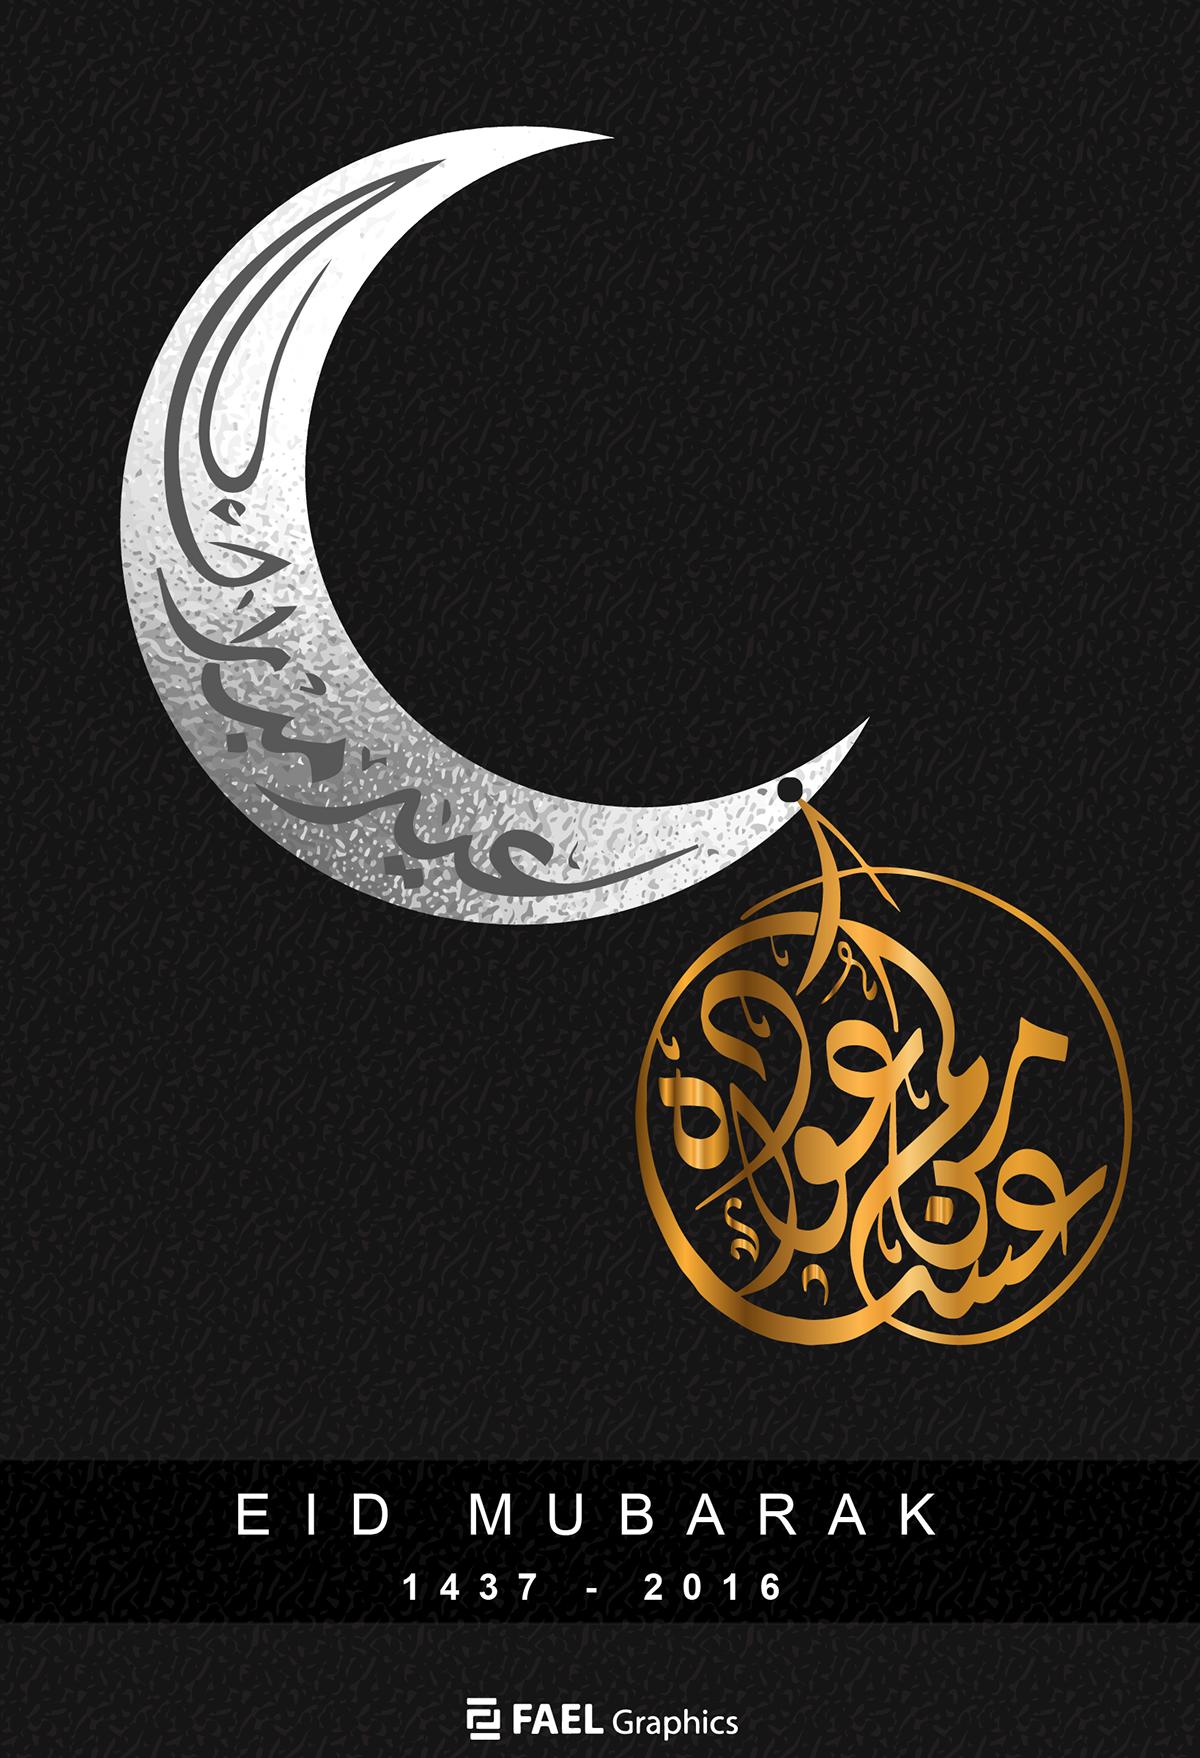 Eid Mubarak On Behance Eid Mubarak Eid Mubarak Greetings Eid